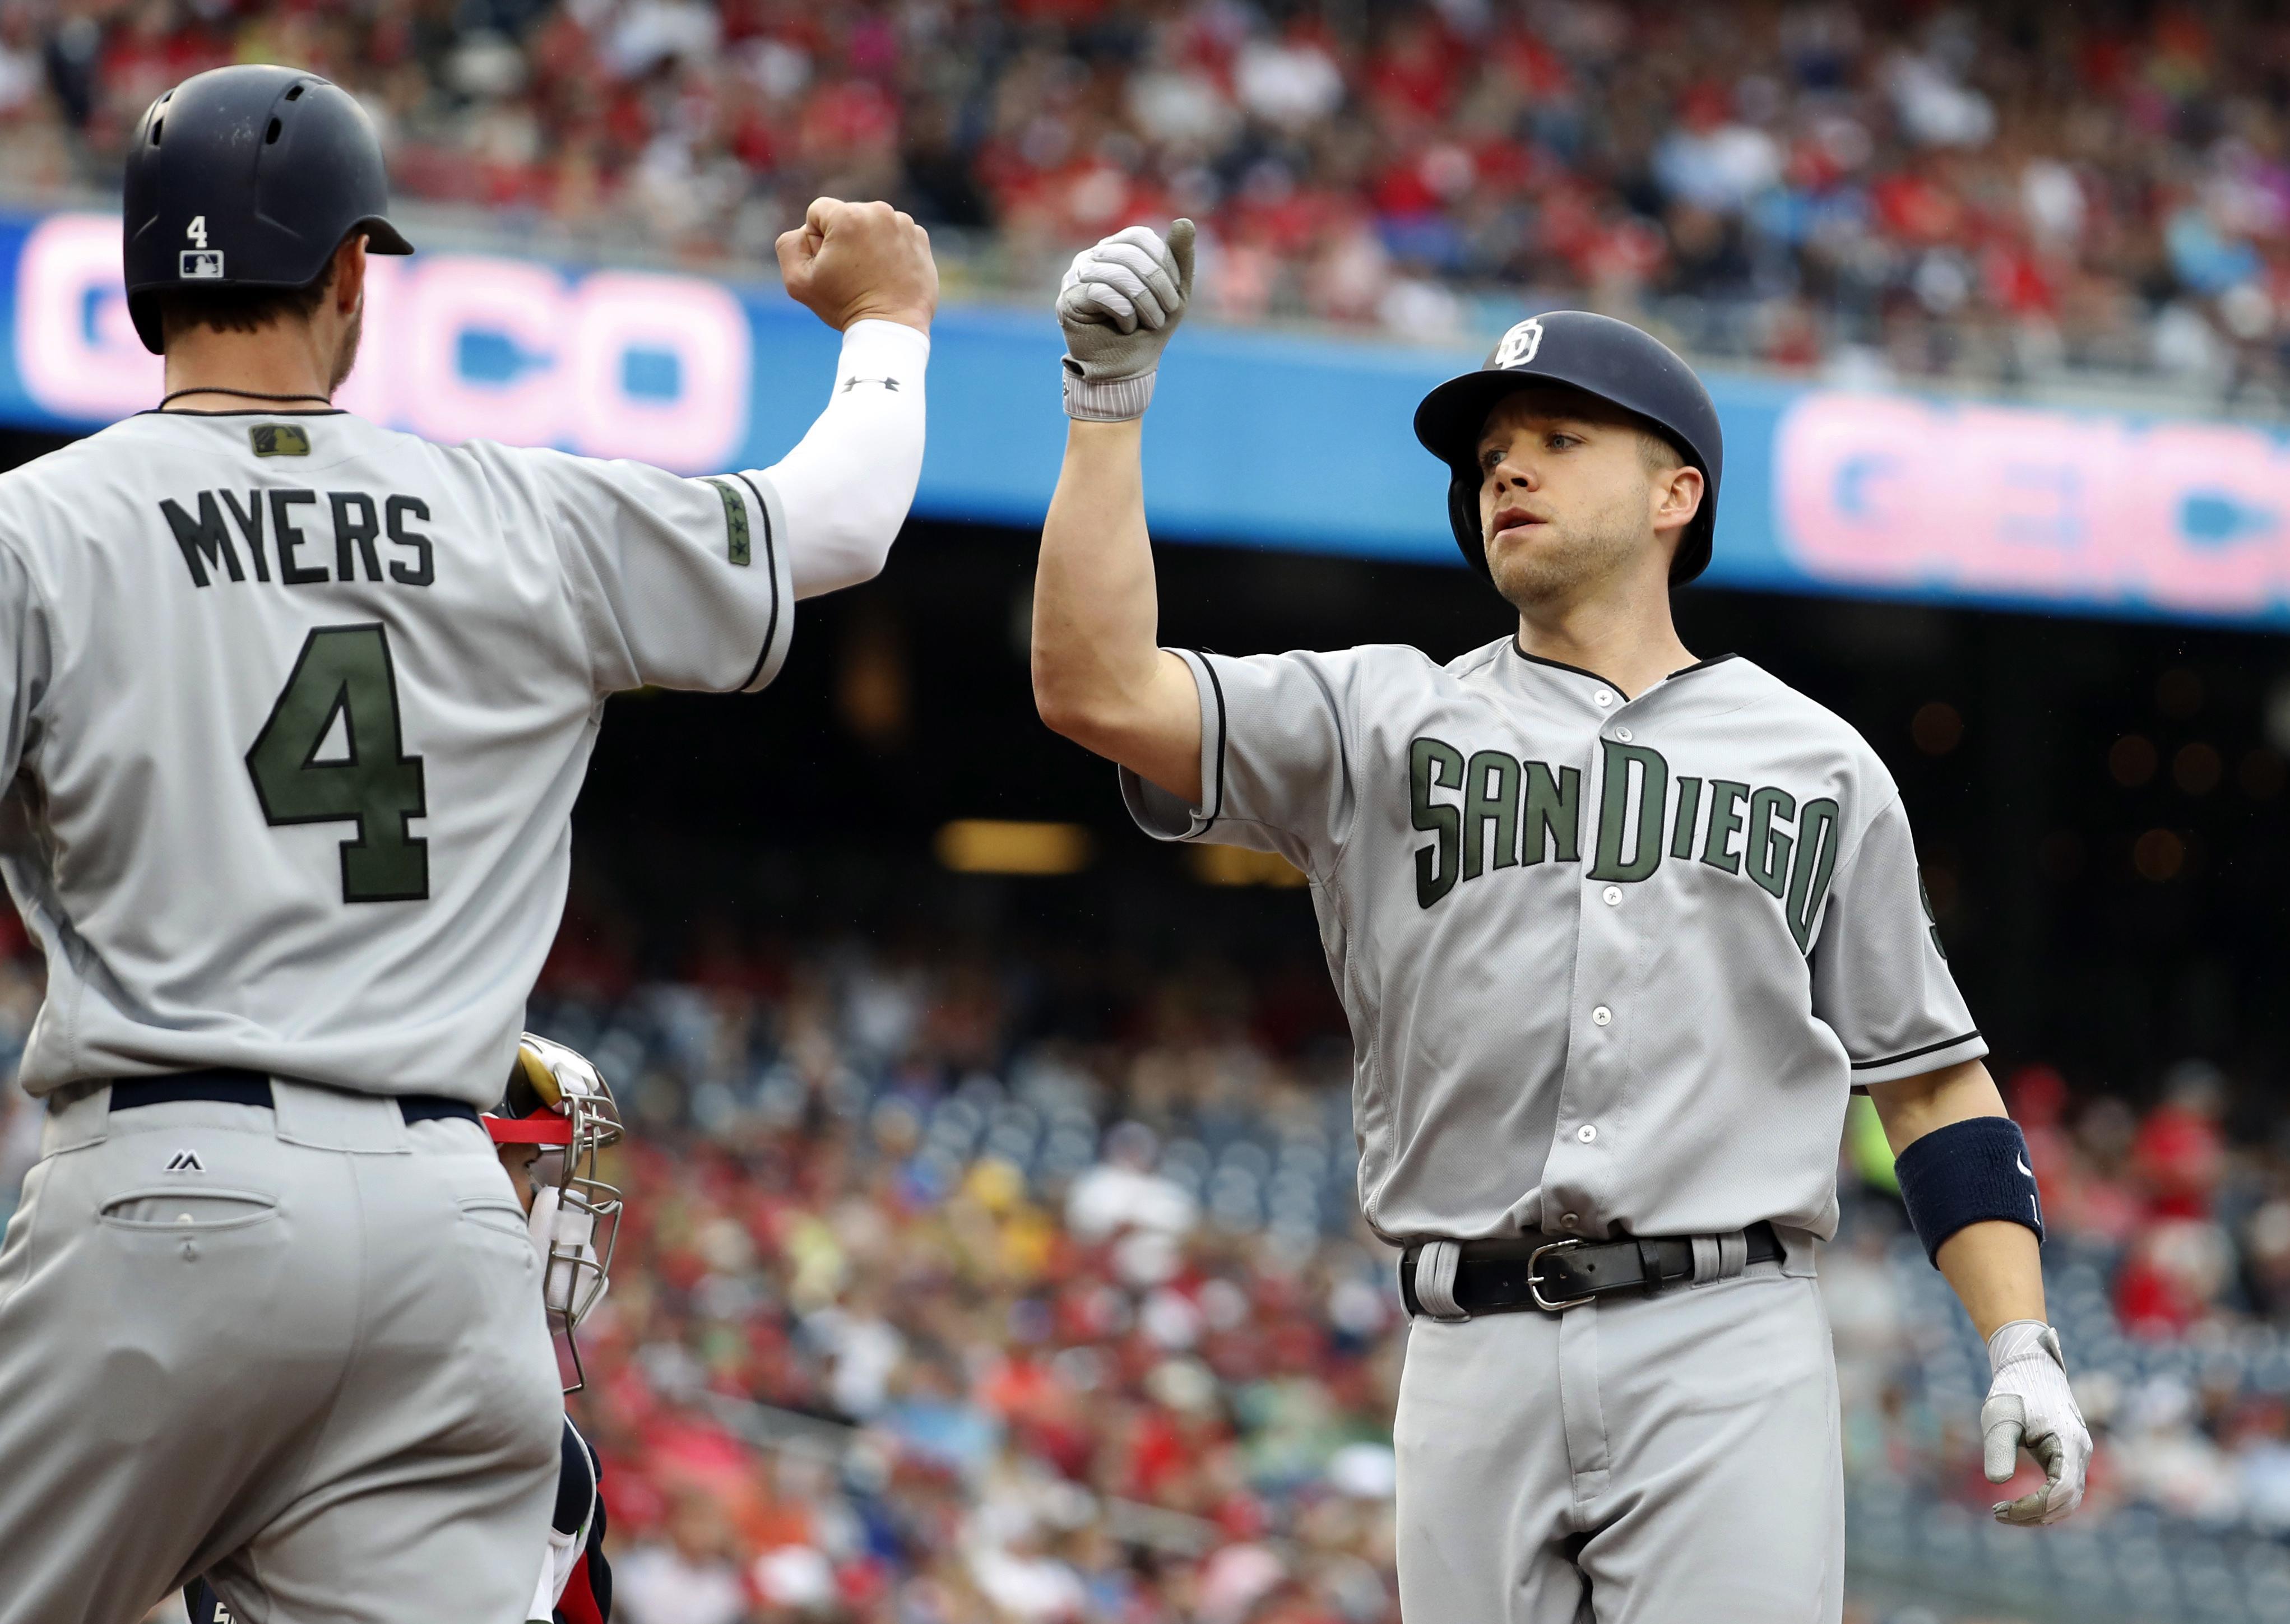 Padres_nationals_baseball_40436